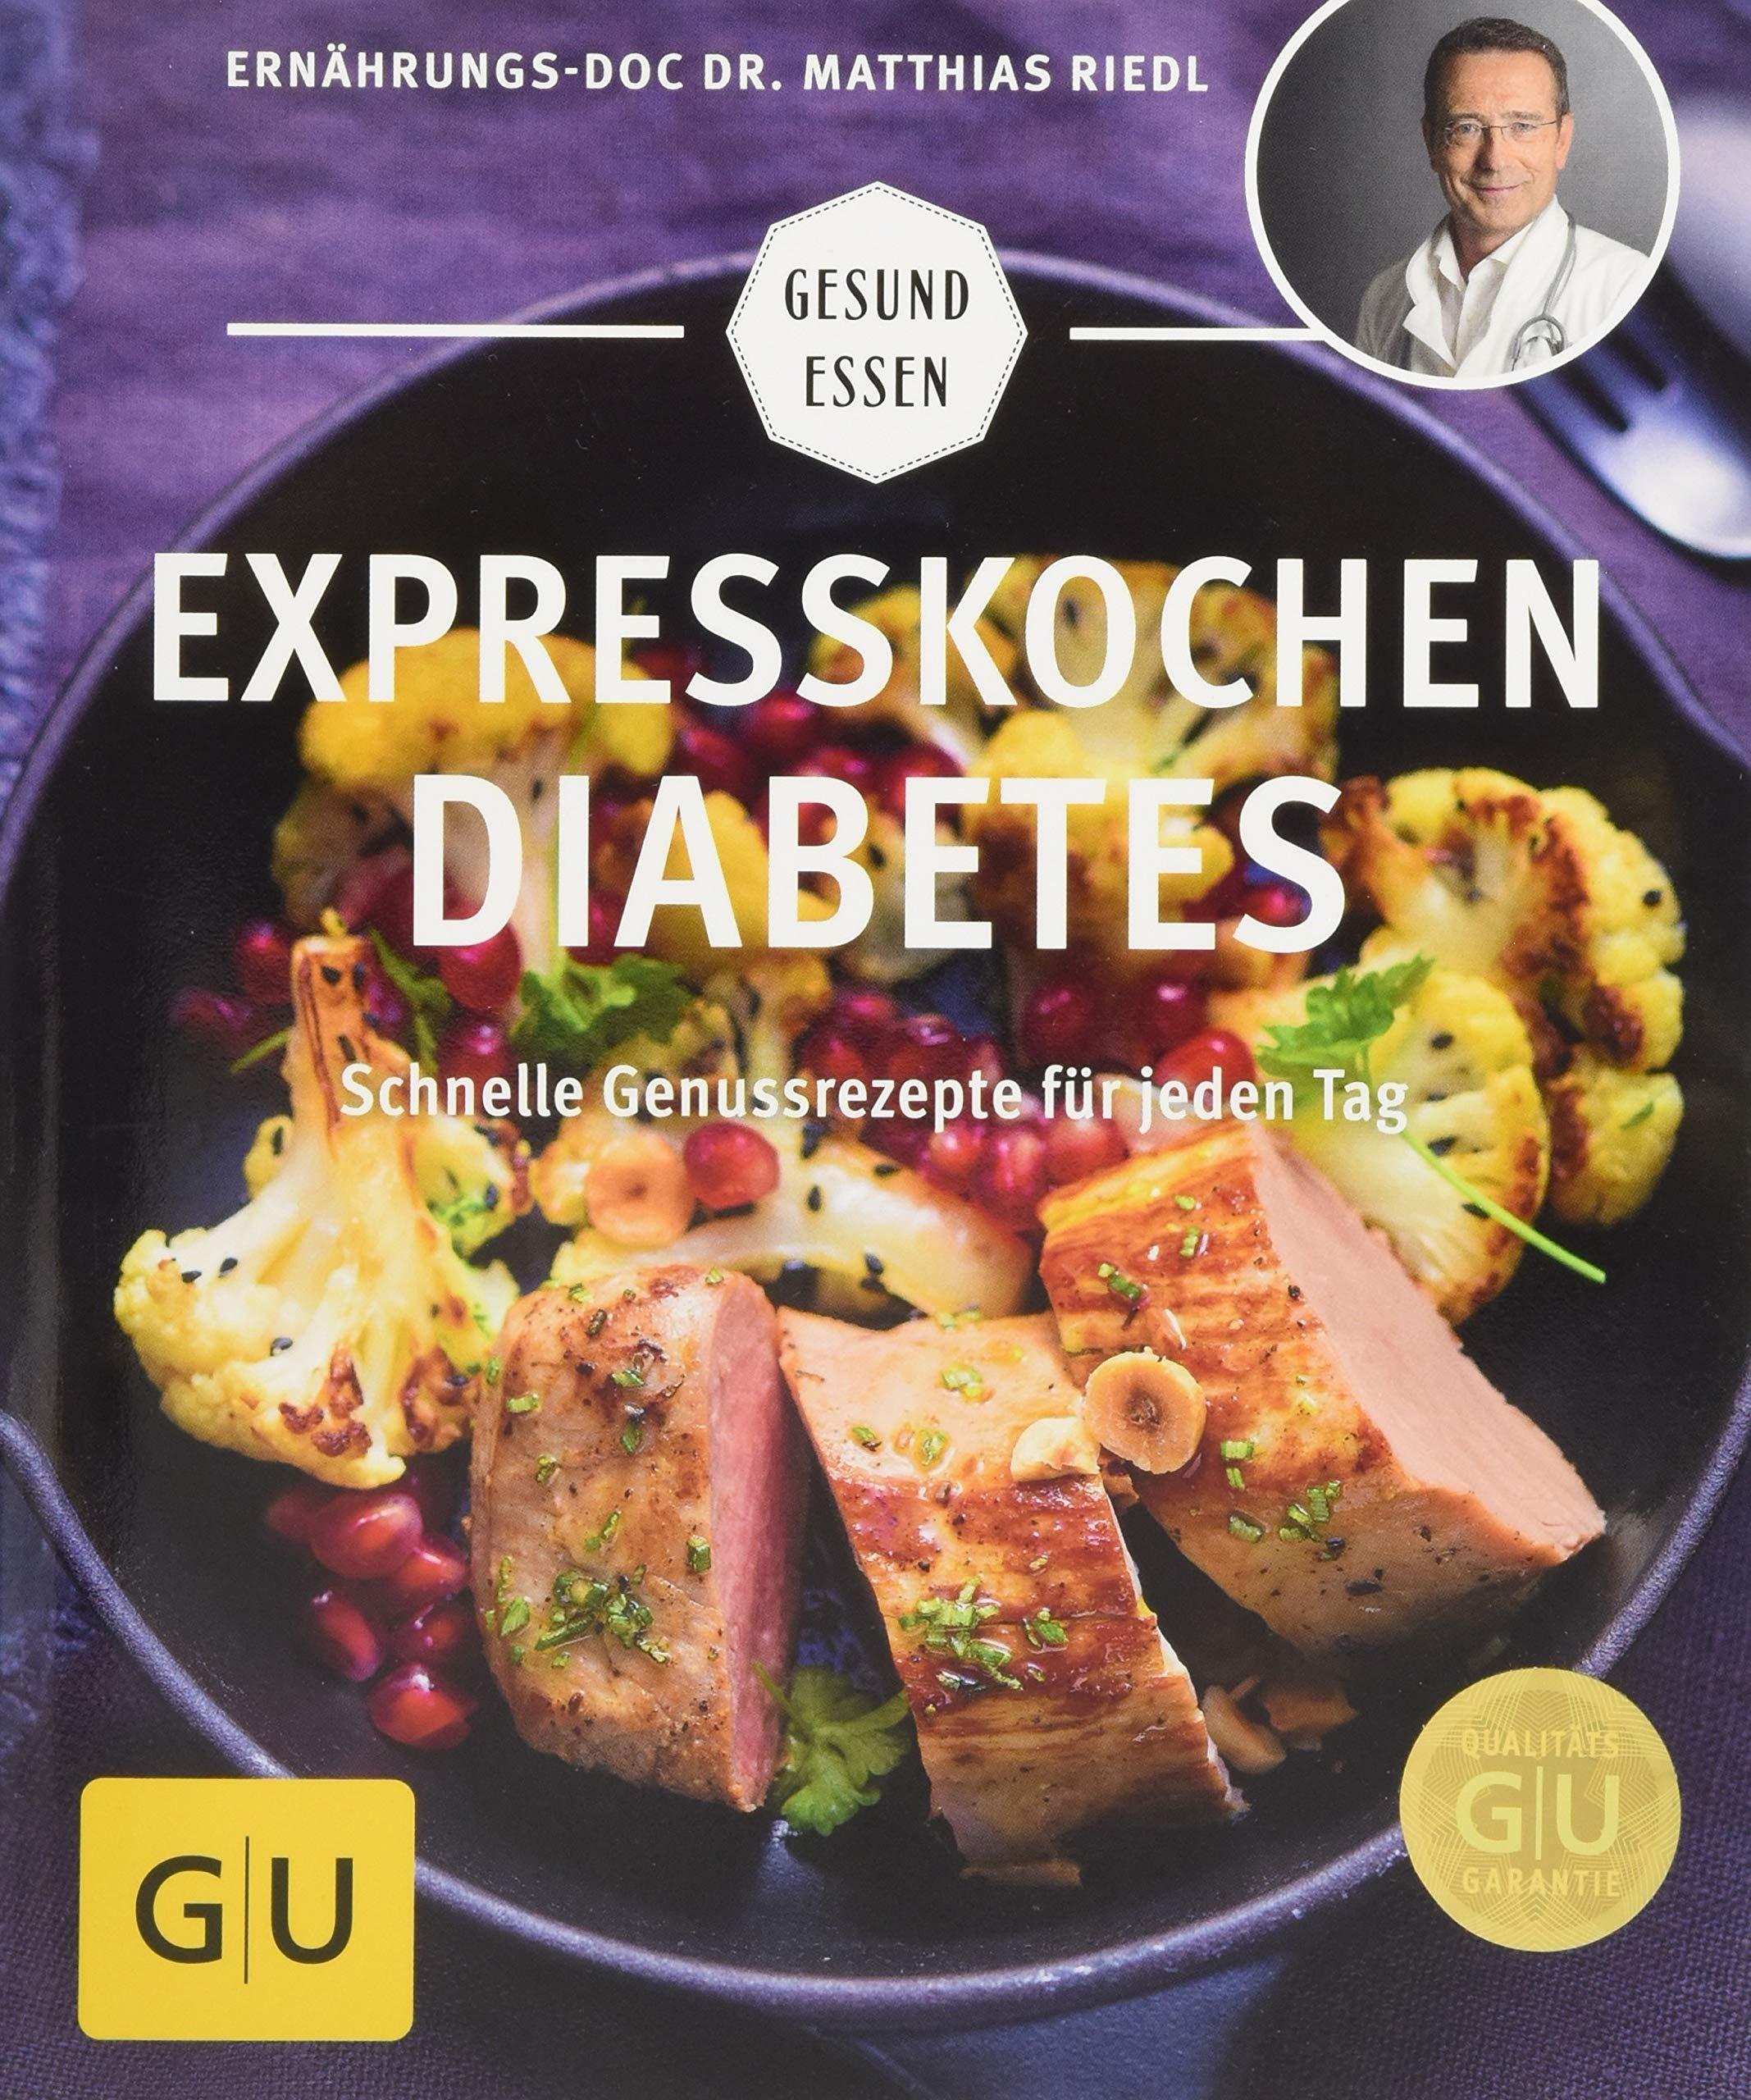 expresskochen-diabetes-schnelle-genussrezepte-fr-jeden-tag-gu-gesund-essen